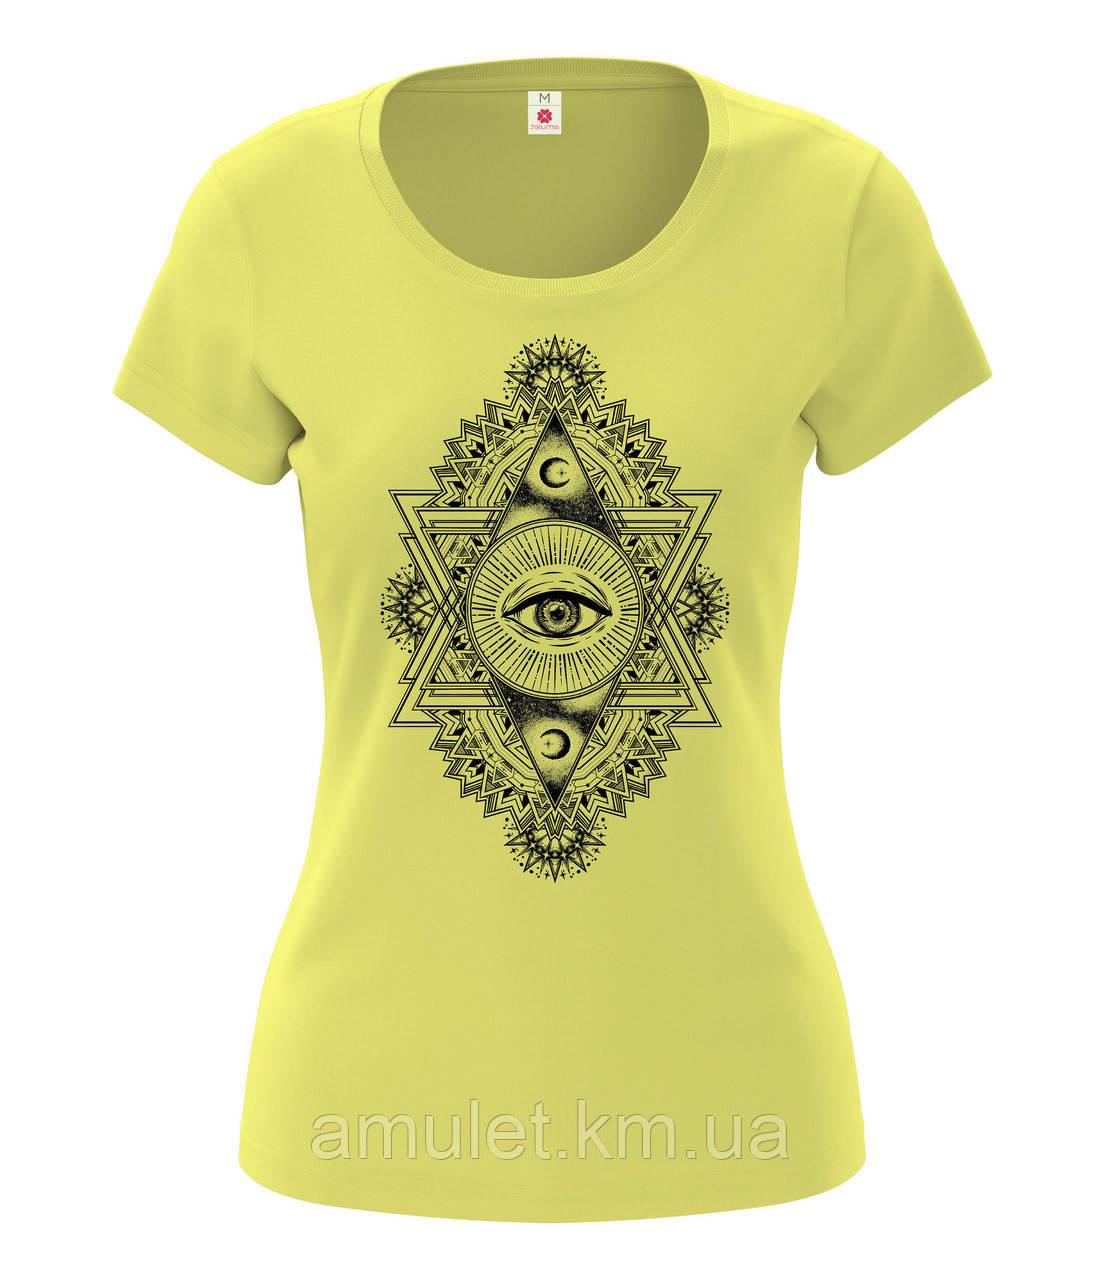 """Футболка жіноча """"Третє око"""" жовтий, S"""